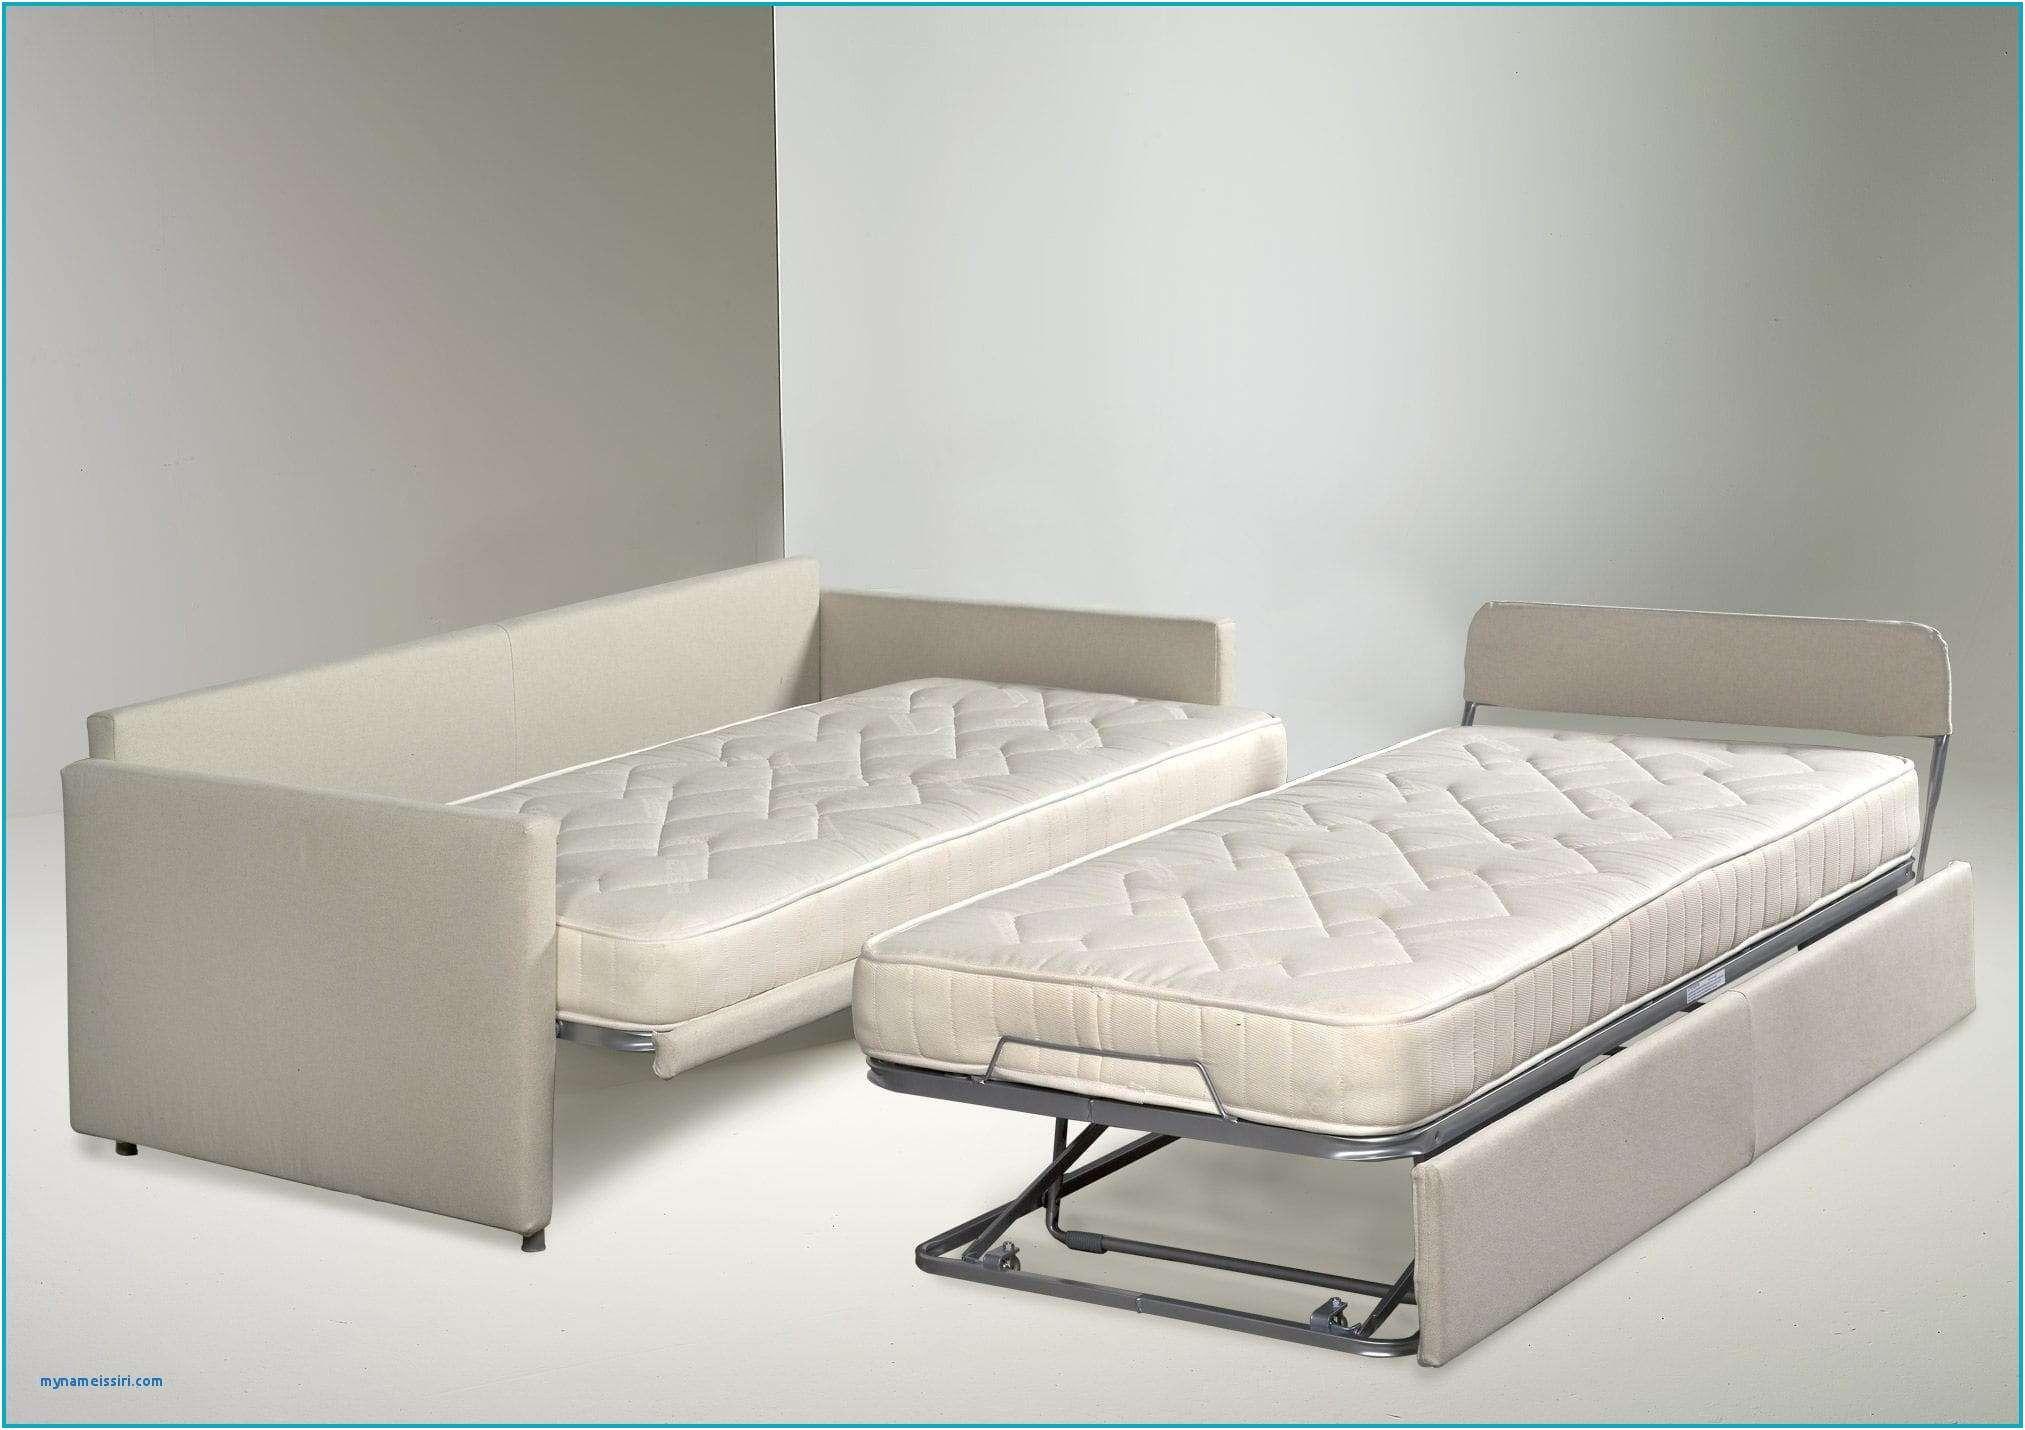 Typisch Couch Mit Integriertem Tisch Home Decor Sectional Couch Bed